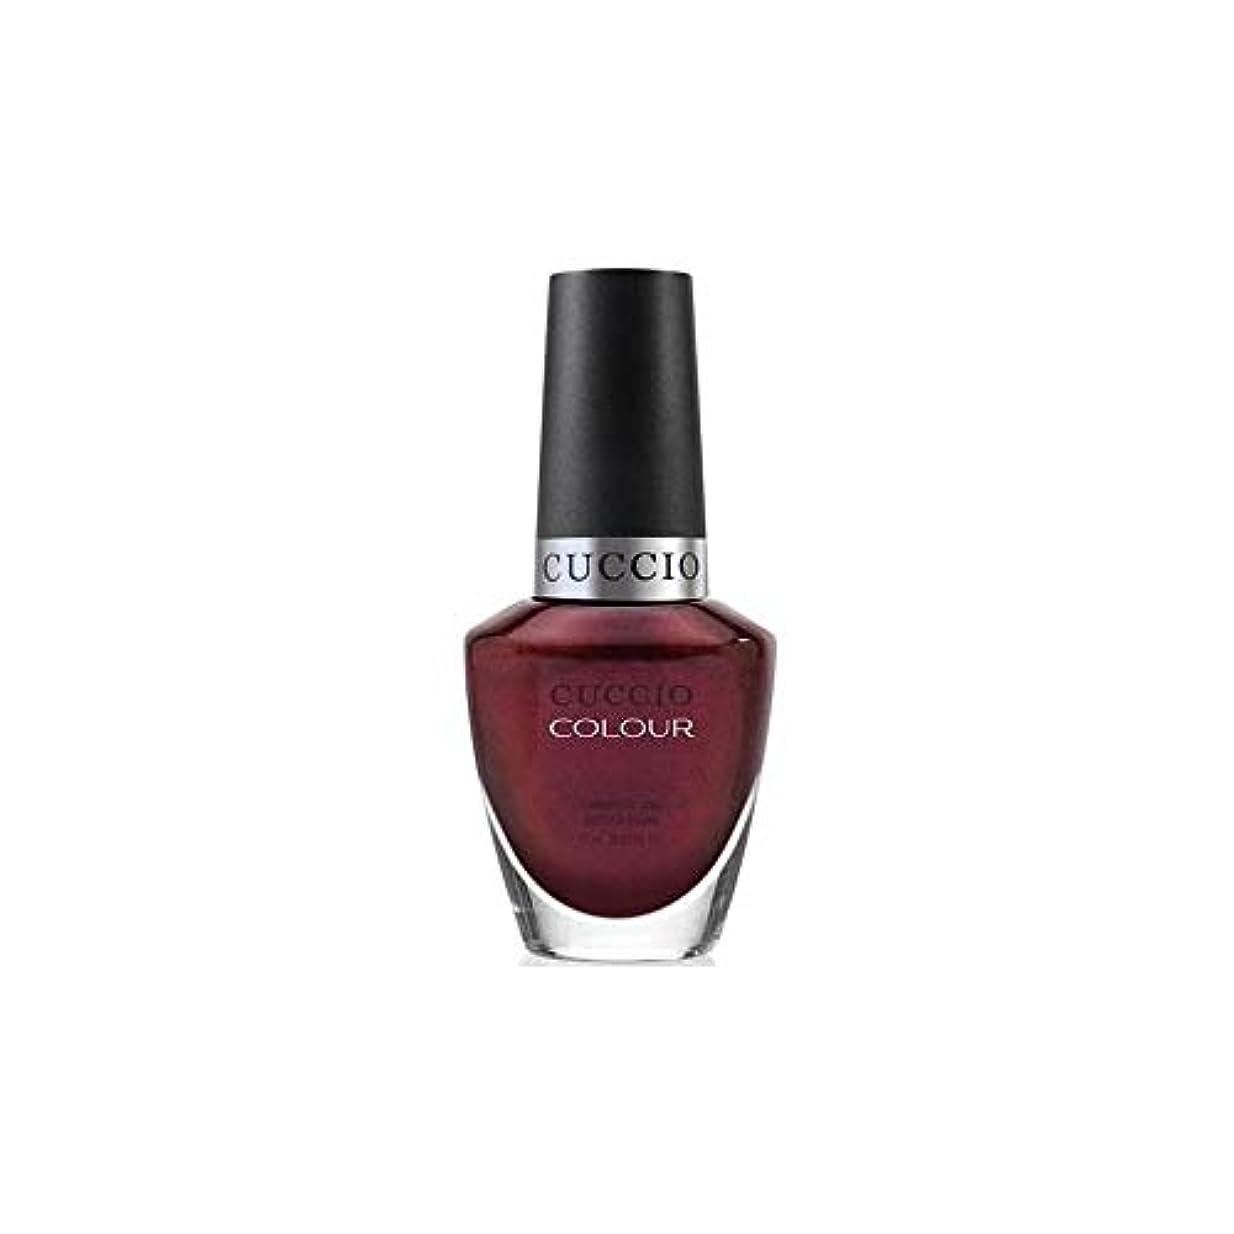 壮大湿気の多い二年生Cuccio Colour Gloss Lacquer - Royal Flush - 0.43oz / 13ml